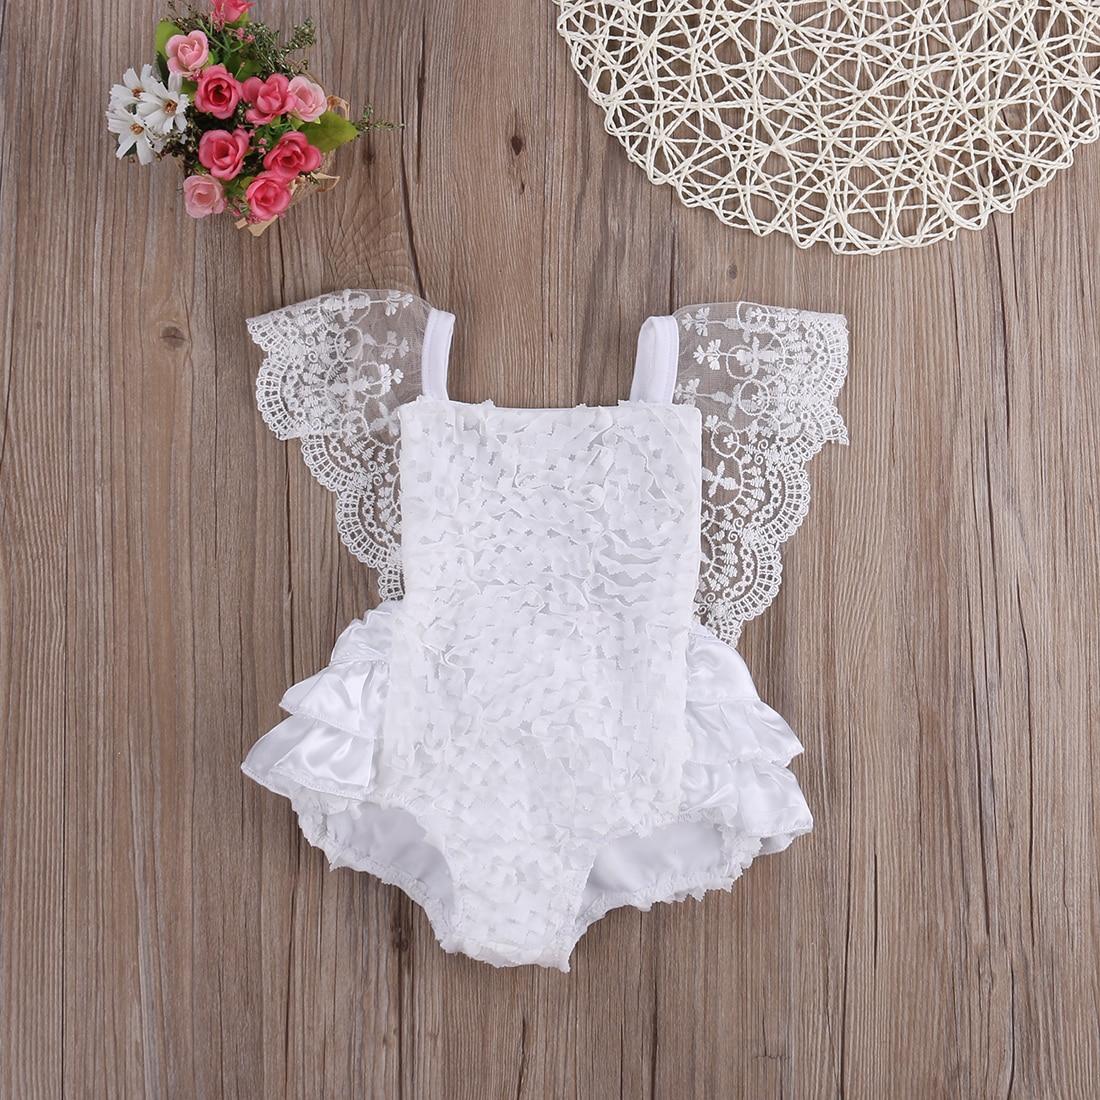 Braga blanca con encaje para beb/é o ni/ña